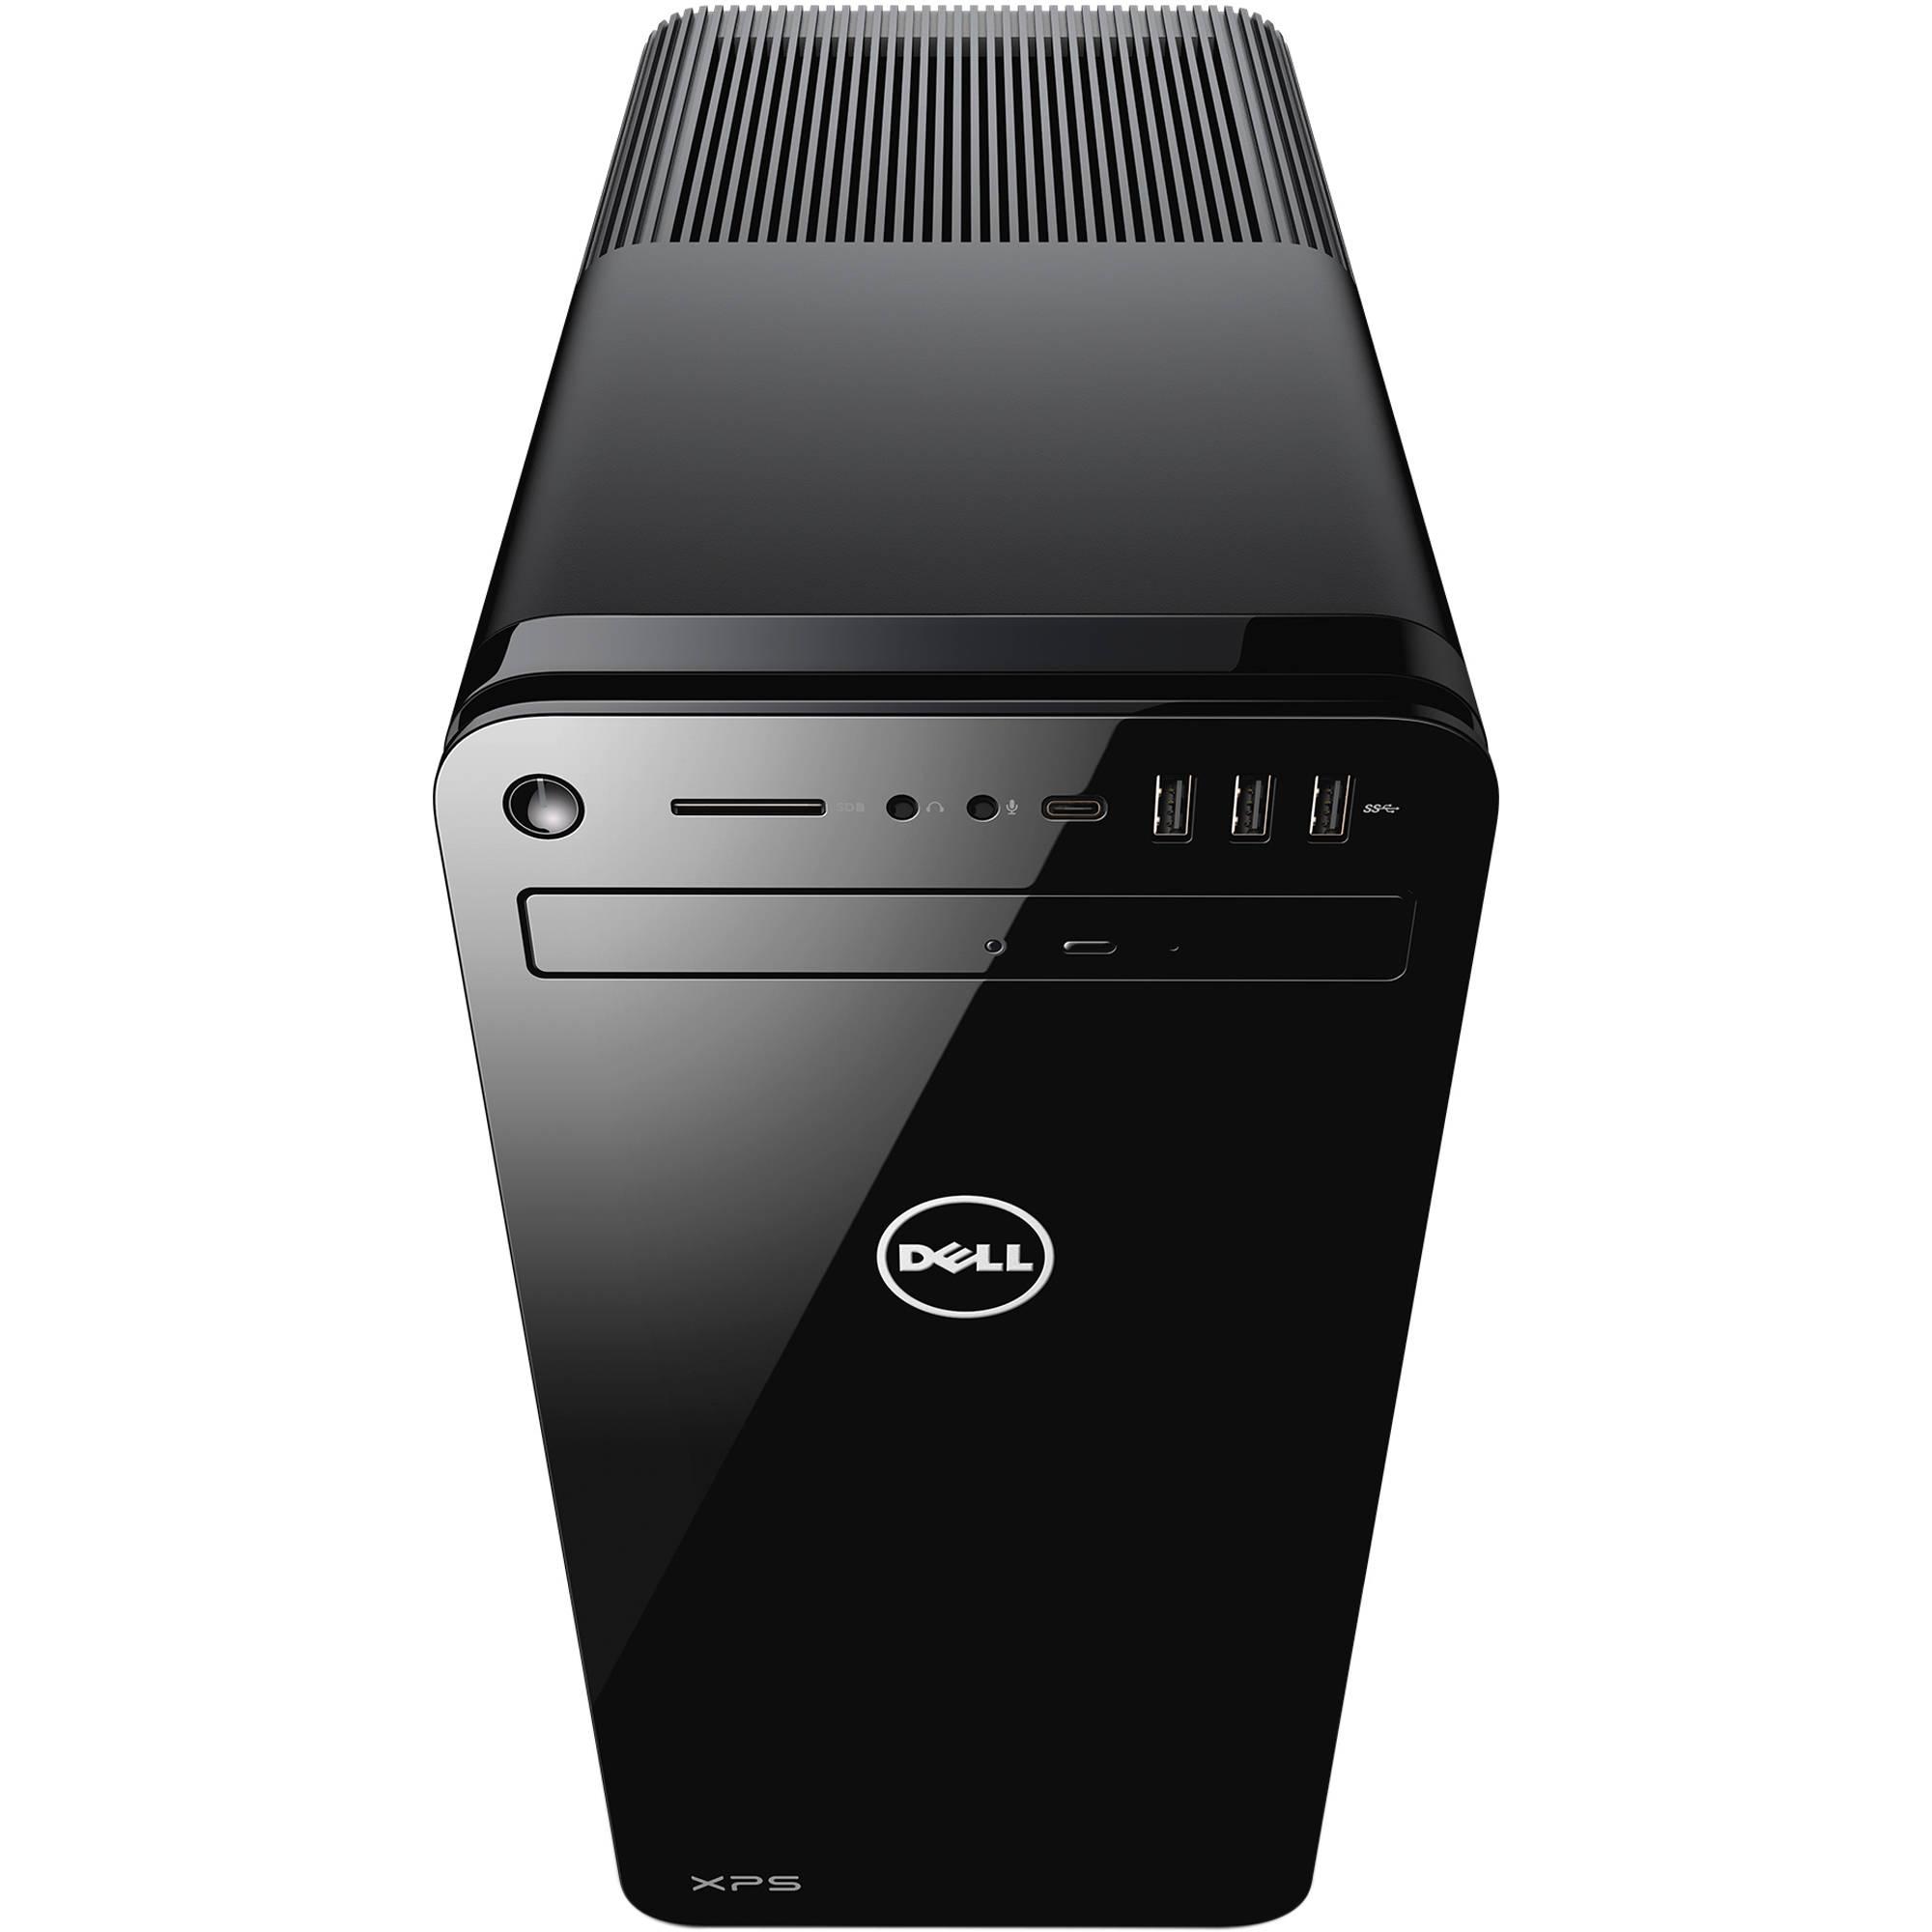 Dell XPS 8930 Desktop Computer